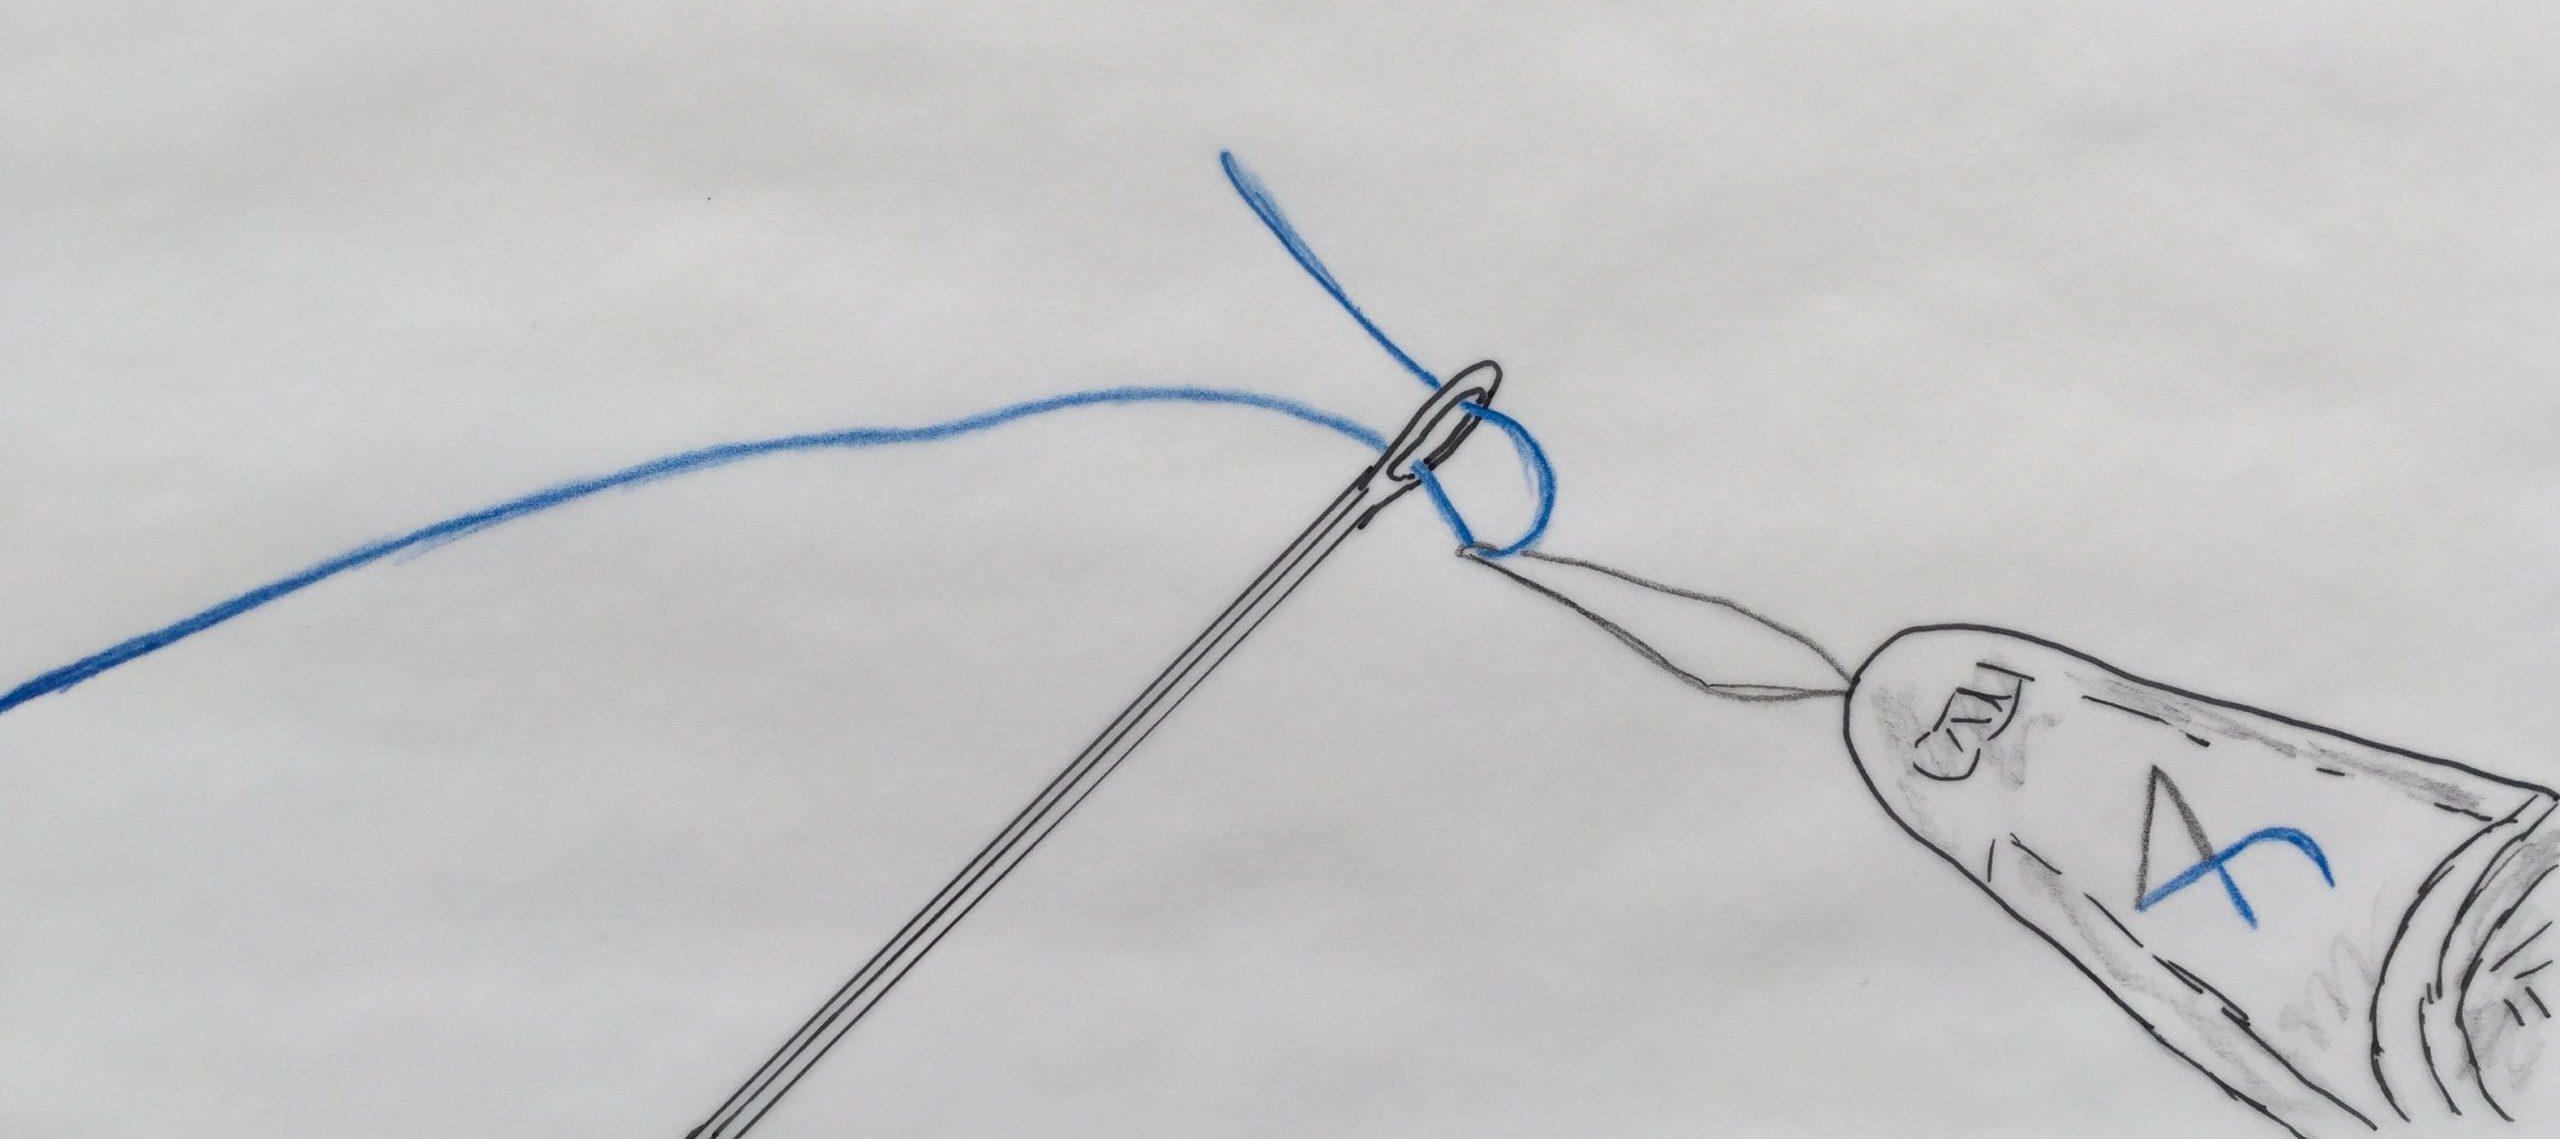 Baufianzierung – Skizze: Faden, der mit Einfädelhilfe durchs Nadelöhr gleitet. Die FinanzKanzlei Bayern fädelt geschickt eine individuelle Finanzierungslösung für Sie ein.